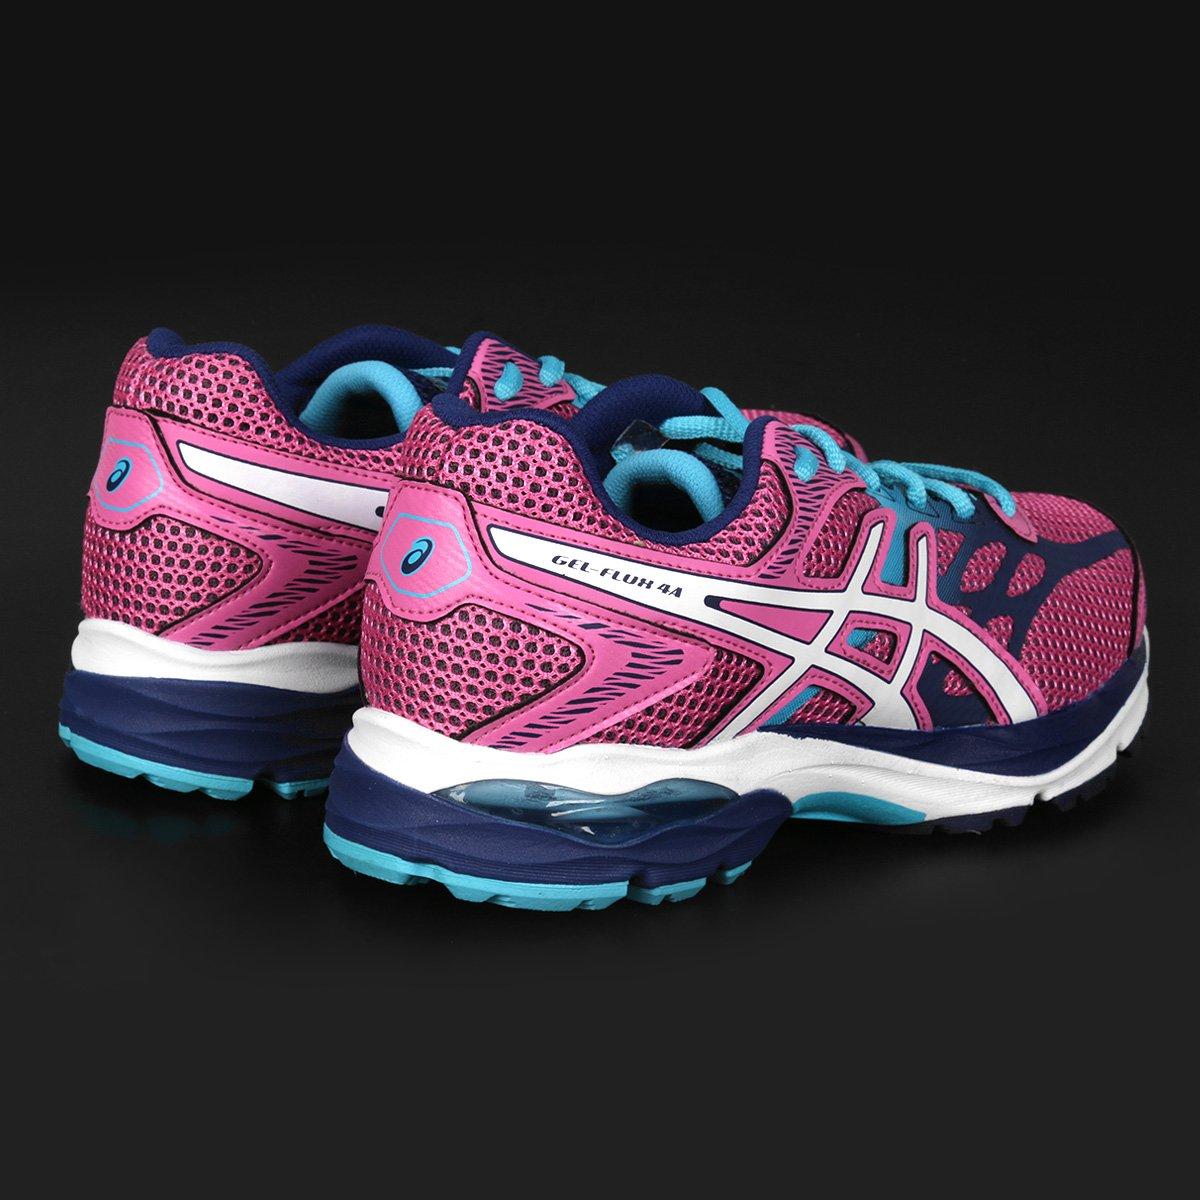 6d8143b643ae4 tenis asics gel flux feminino rosa